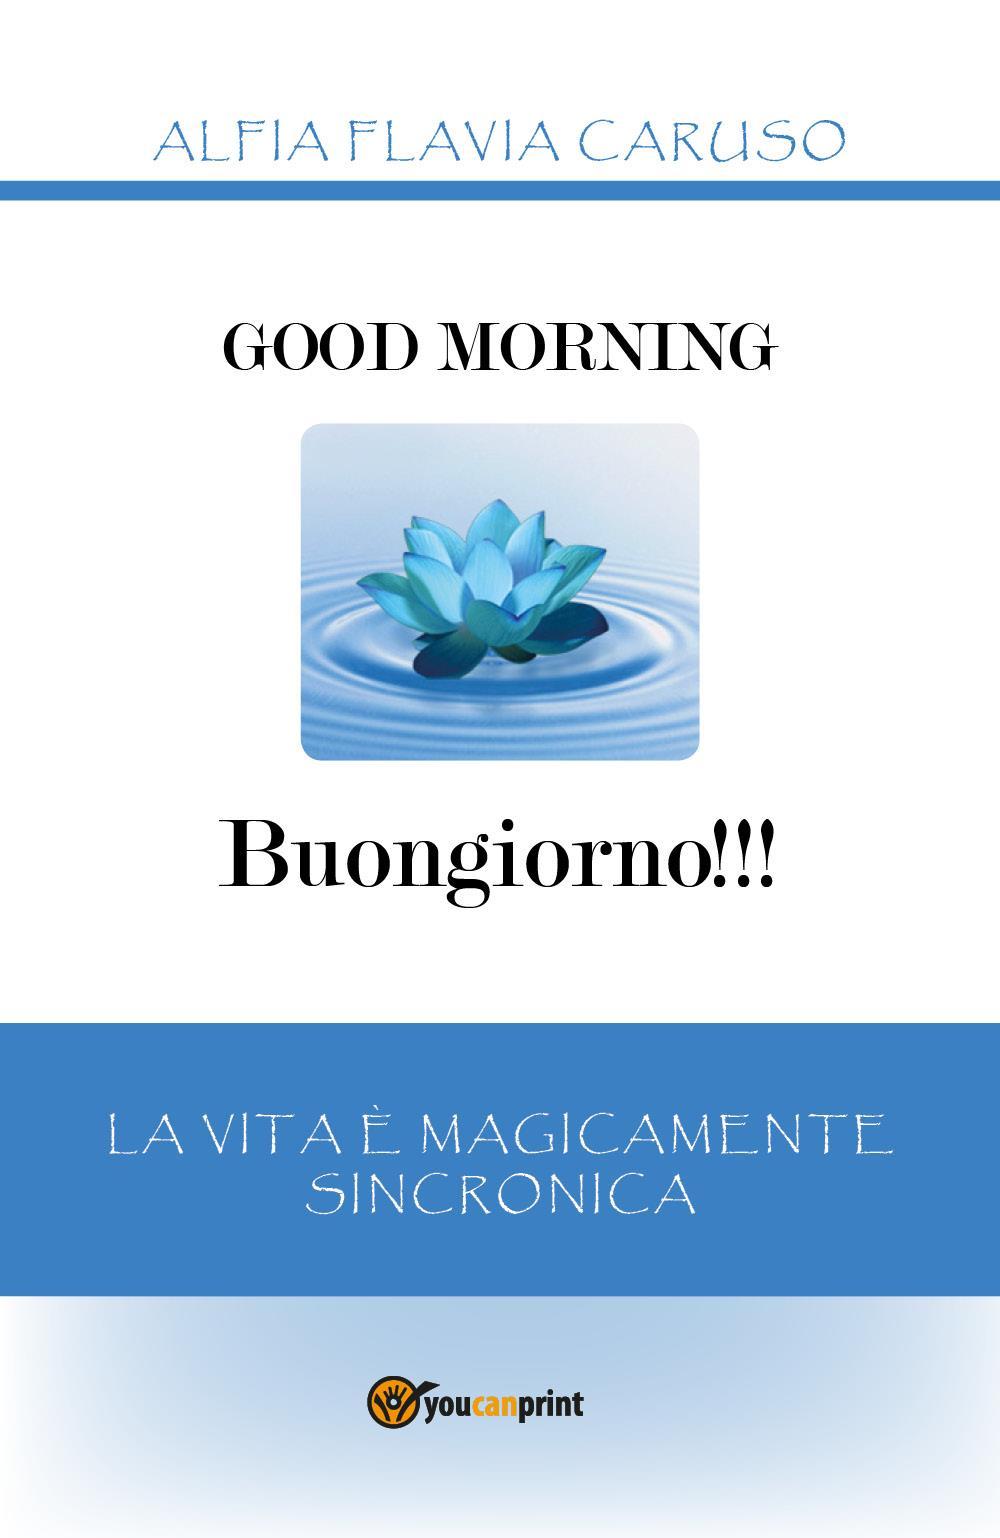 Good Morning - Buongiorno!!! La vita è Magicamente Sincronica